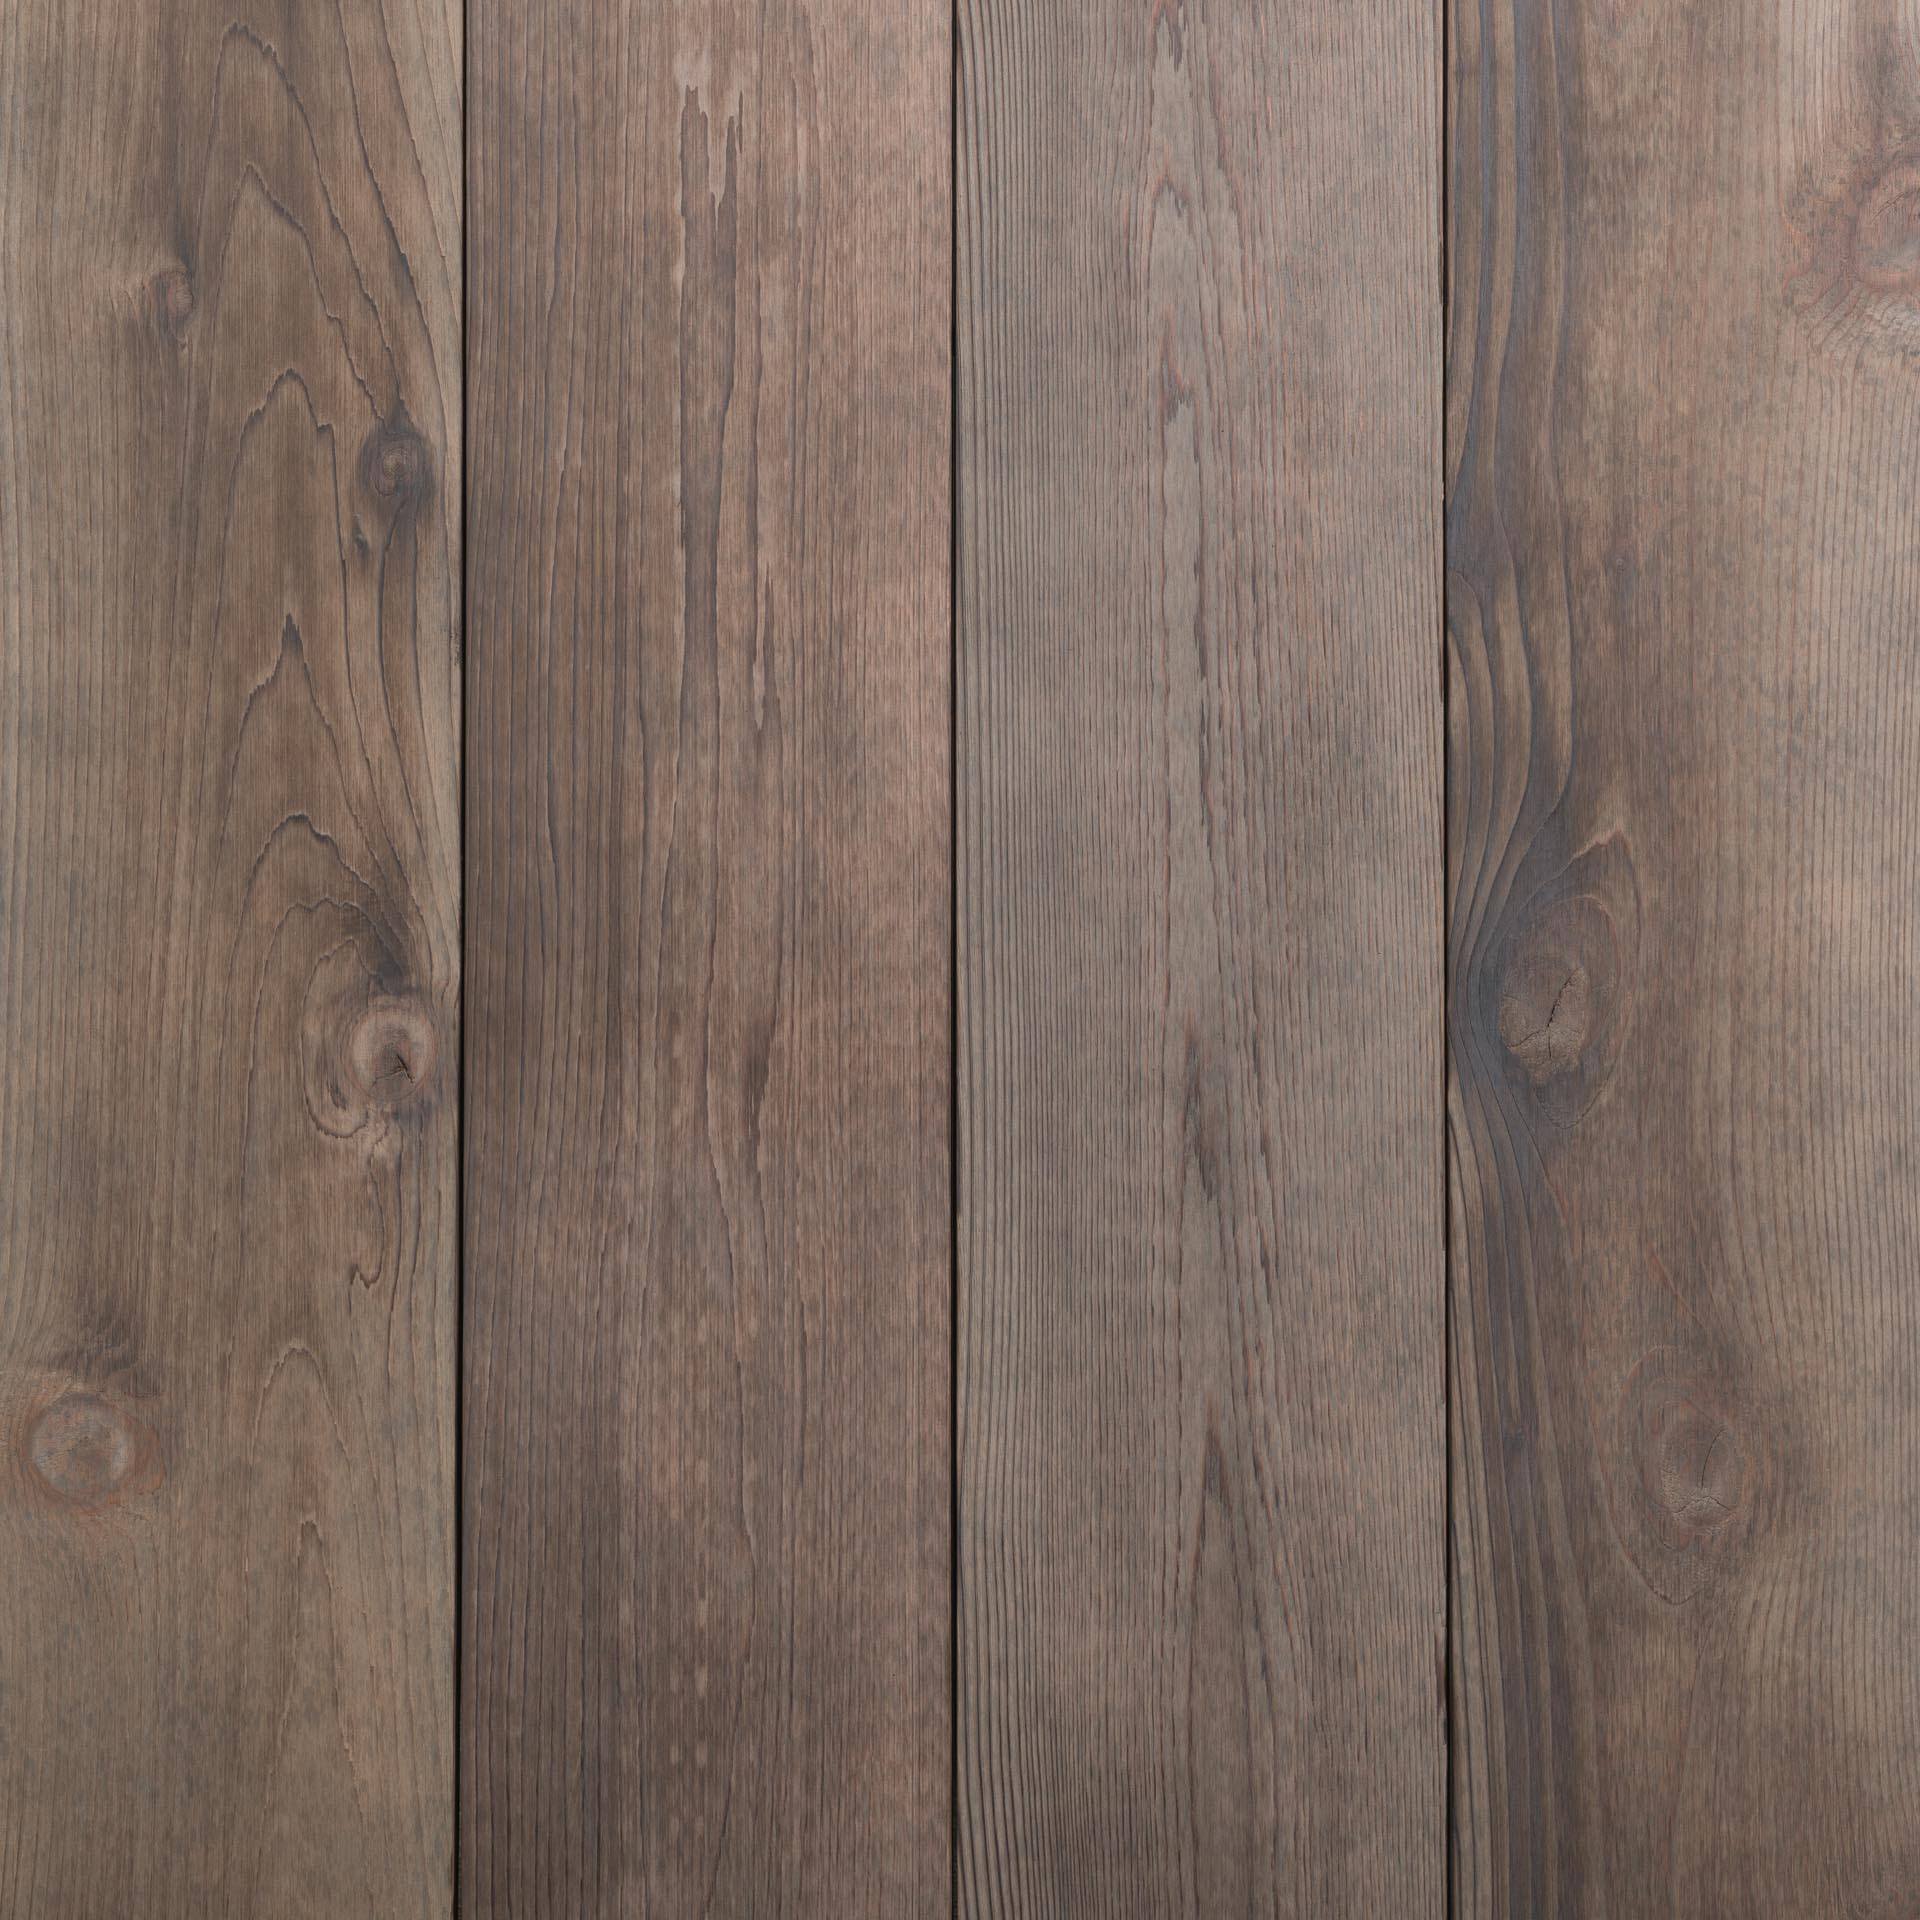 Sealed Cedar Hewn Elements